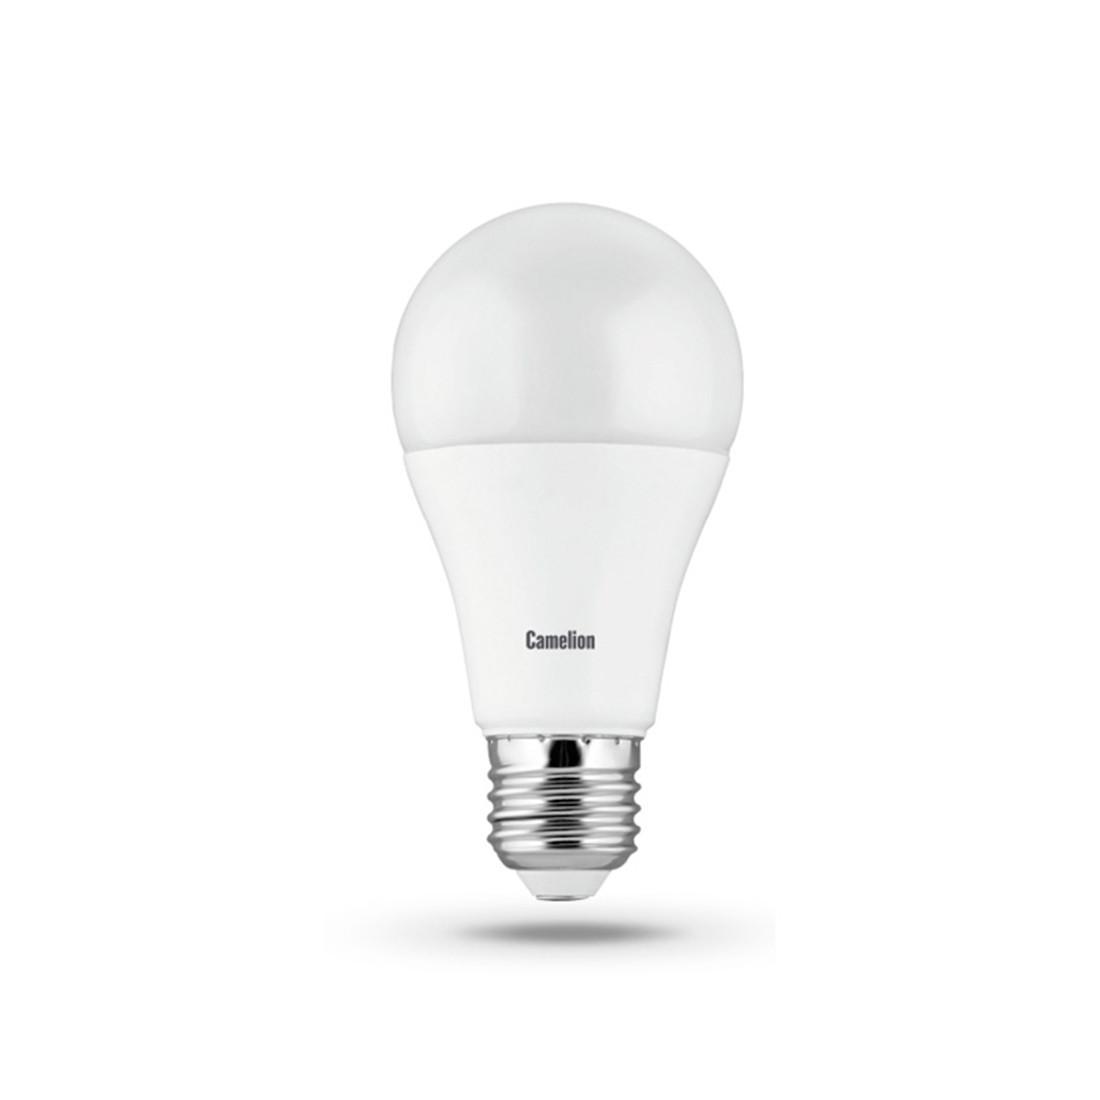 Эл. лампа светодиодная Camelion А60/4500К/E27/13Вт, Холодный